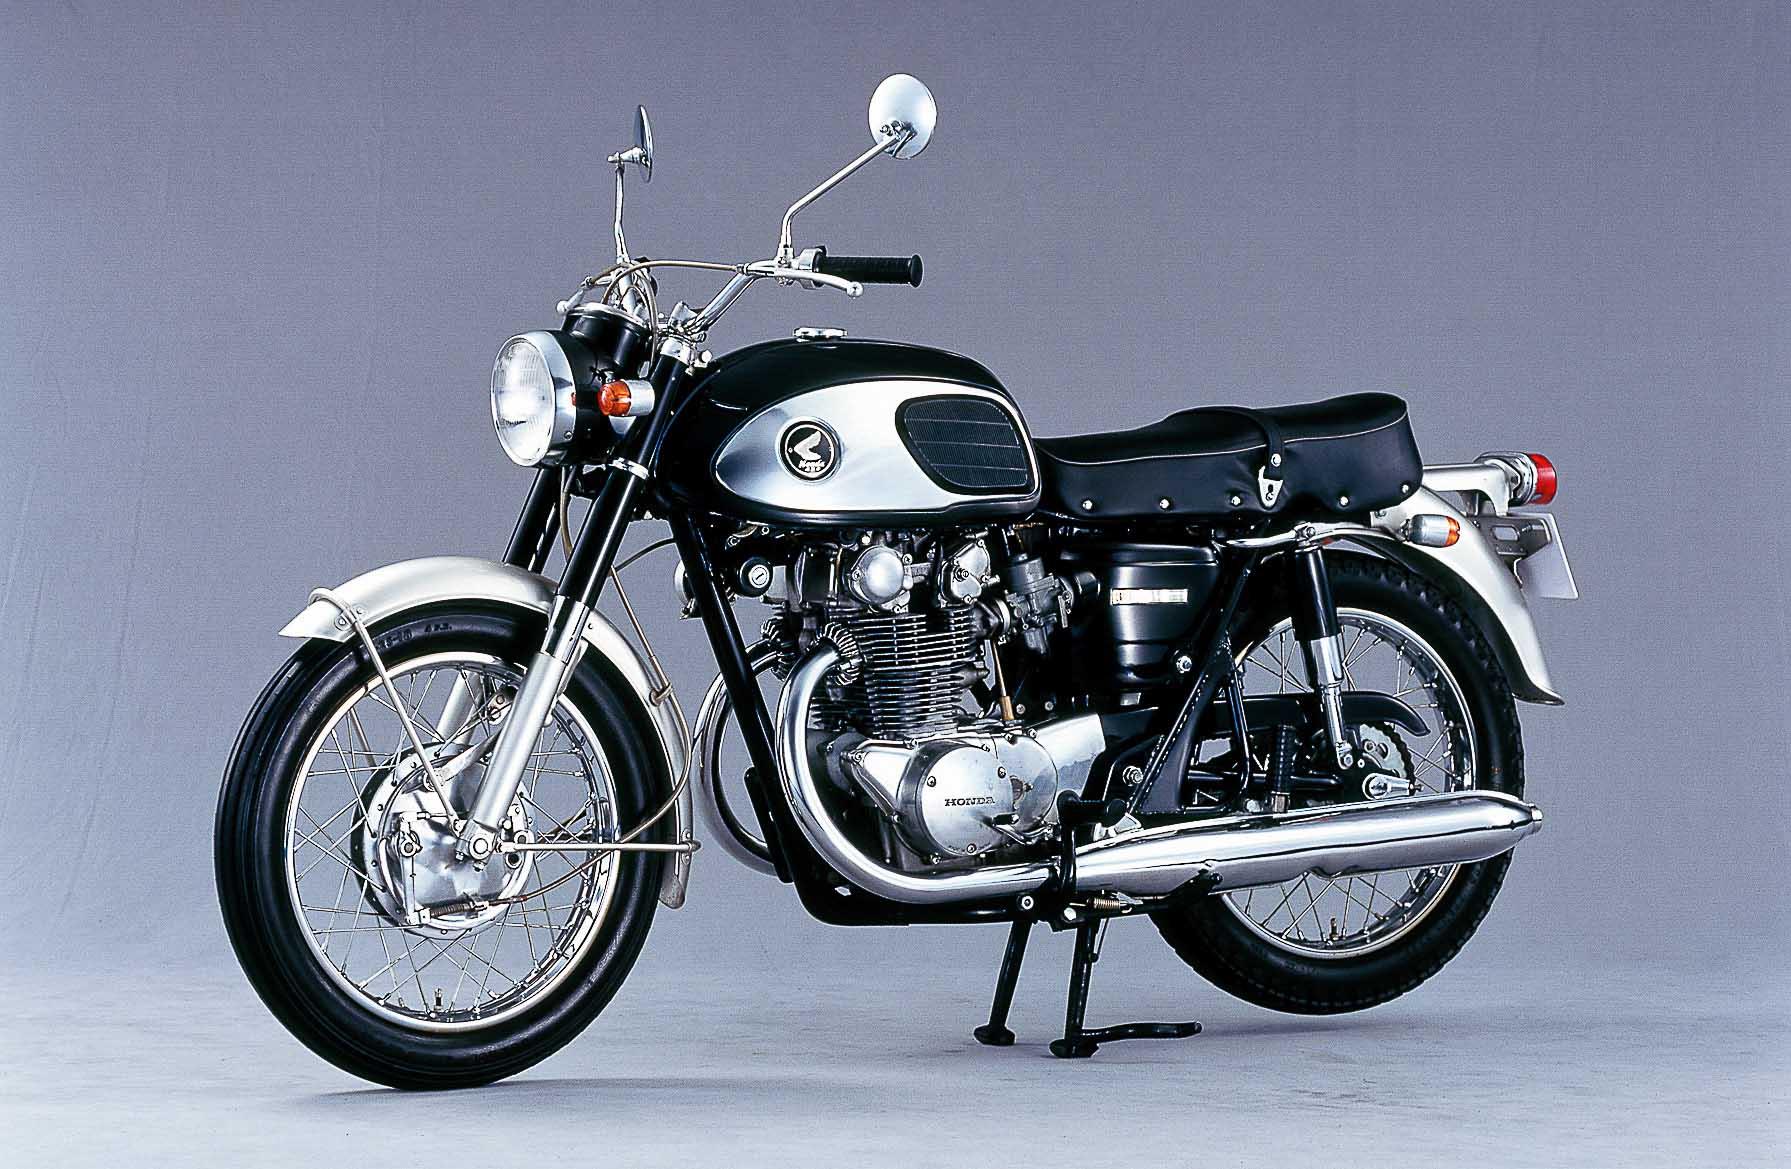 HONDA CB 450 (1965-1975)